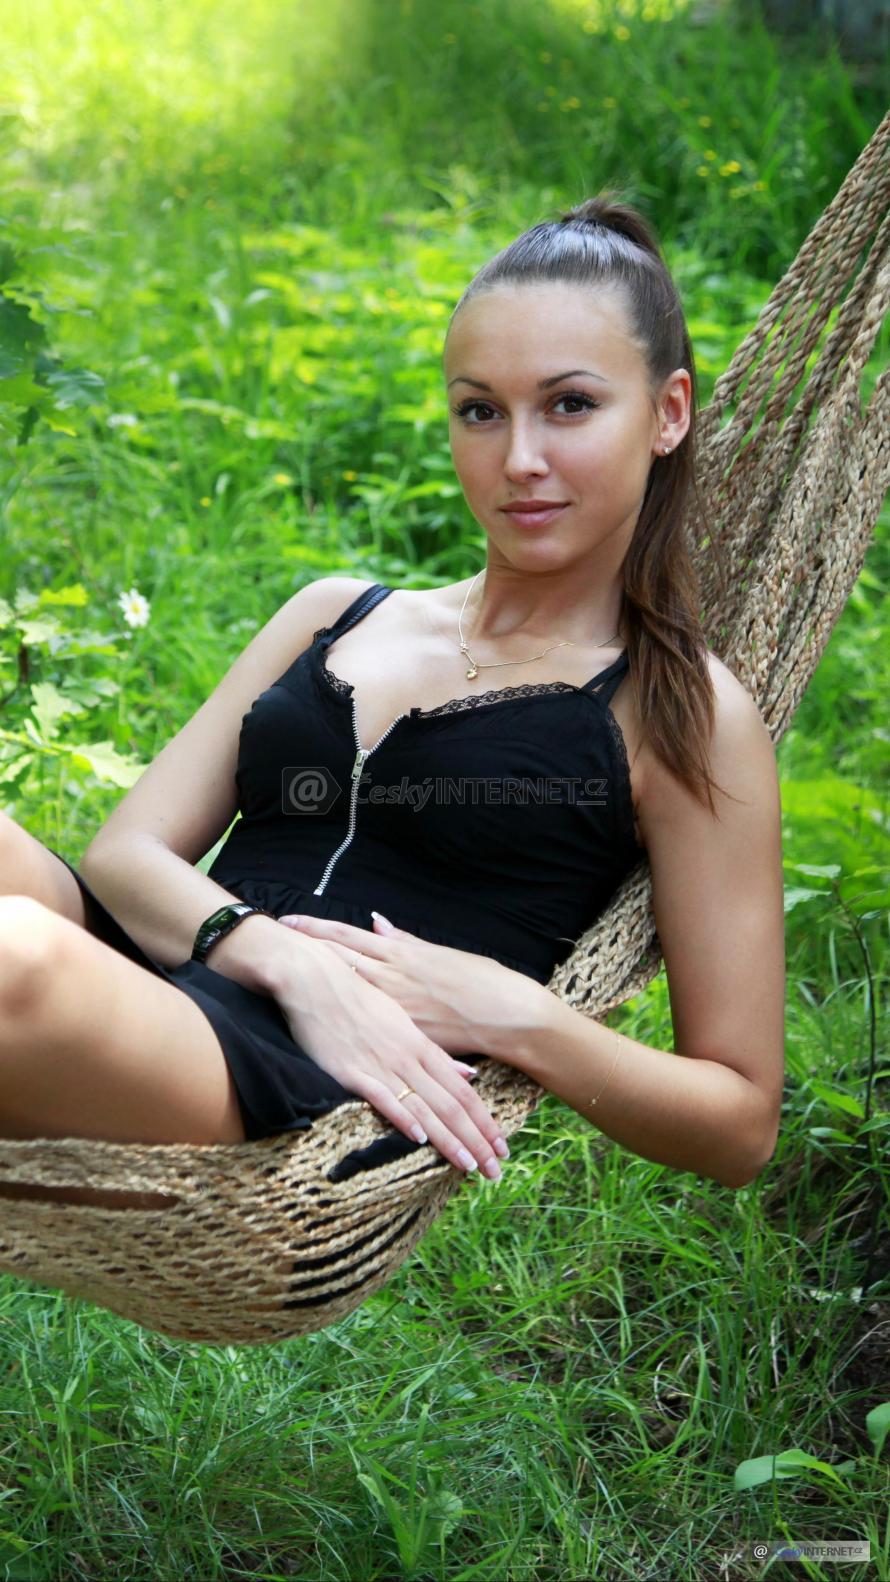 Dívka v houpací síti.